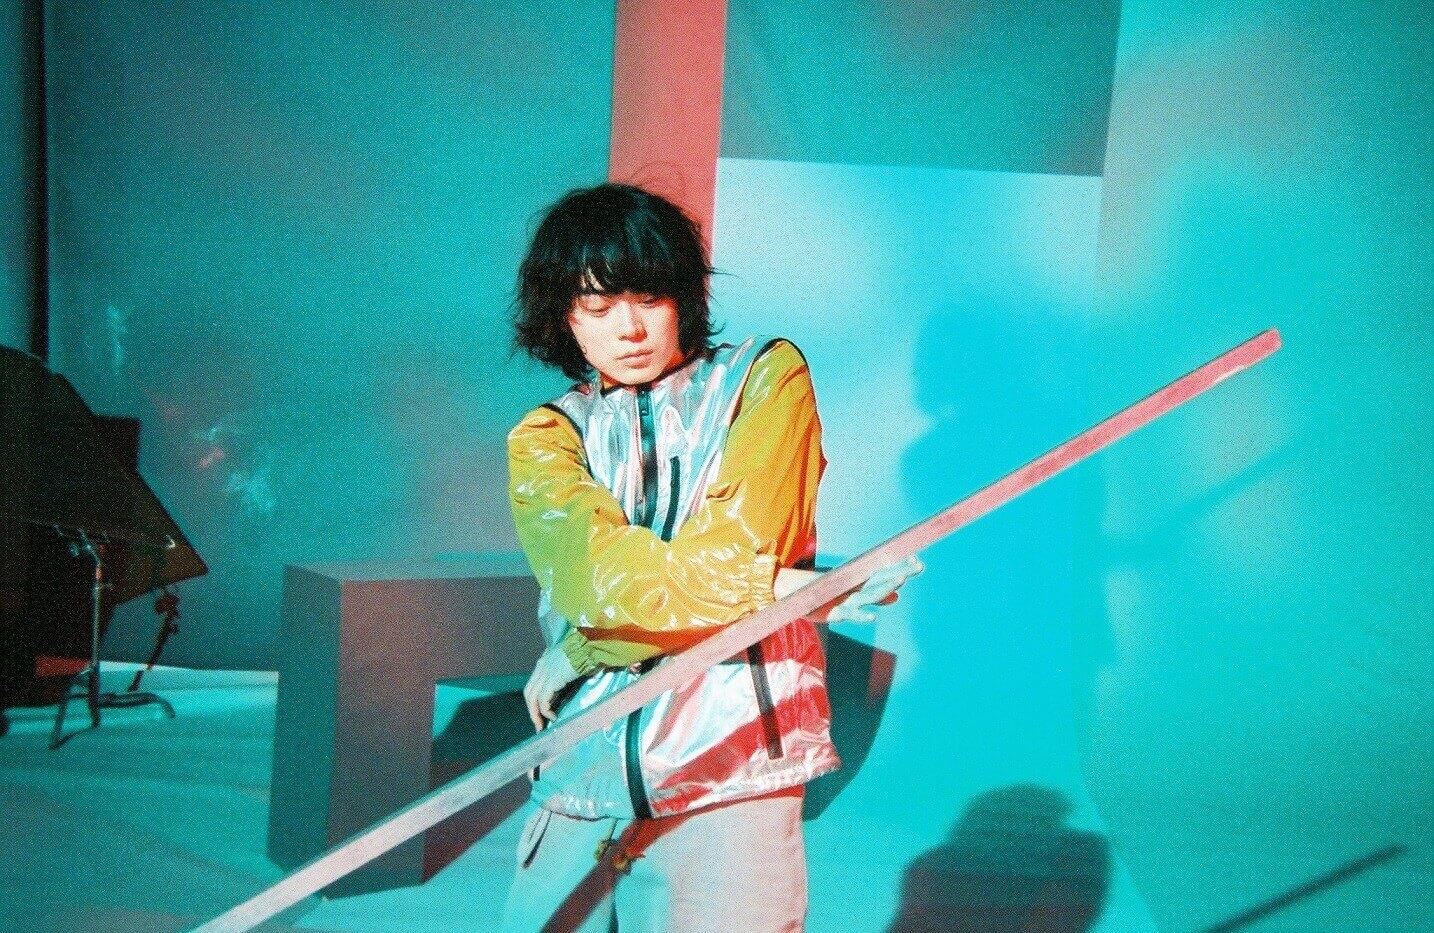 菅田将暉のラジオ番組「まさかの超大物」ゲスト発表でリスナーざわつくサムネイル画像